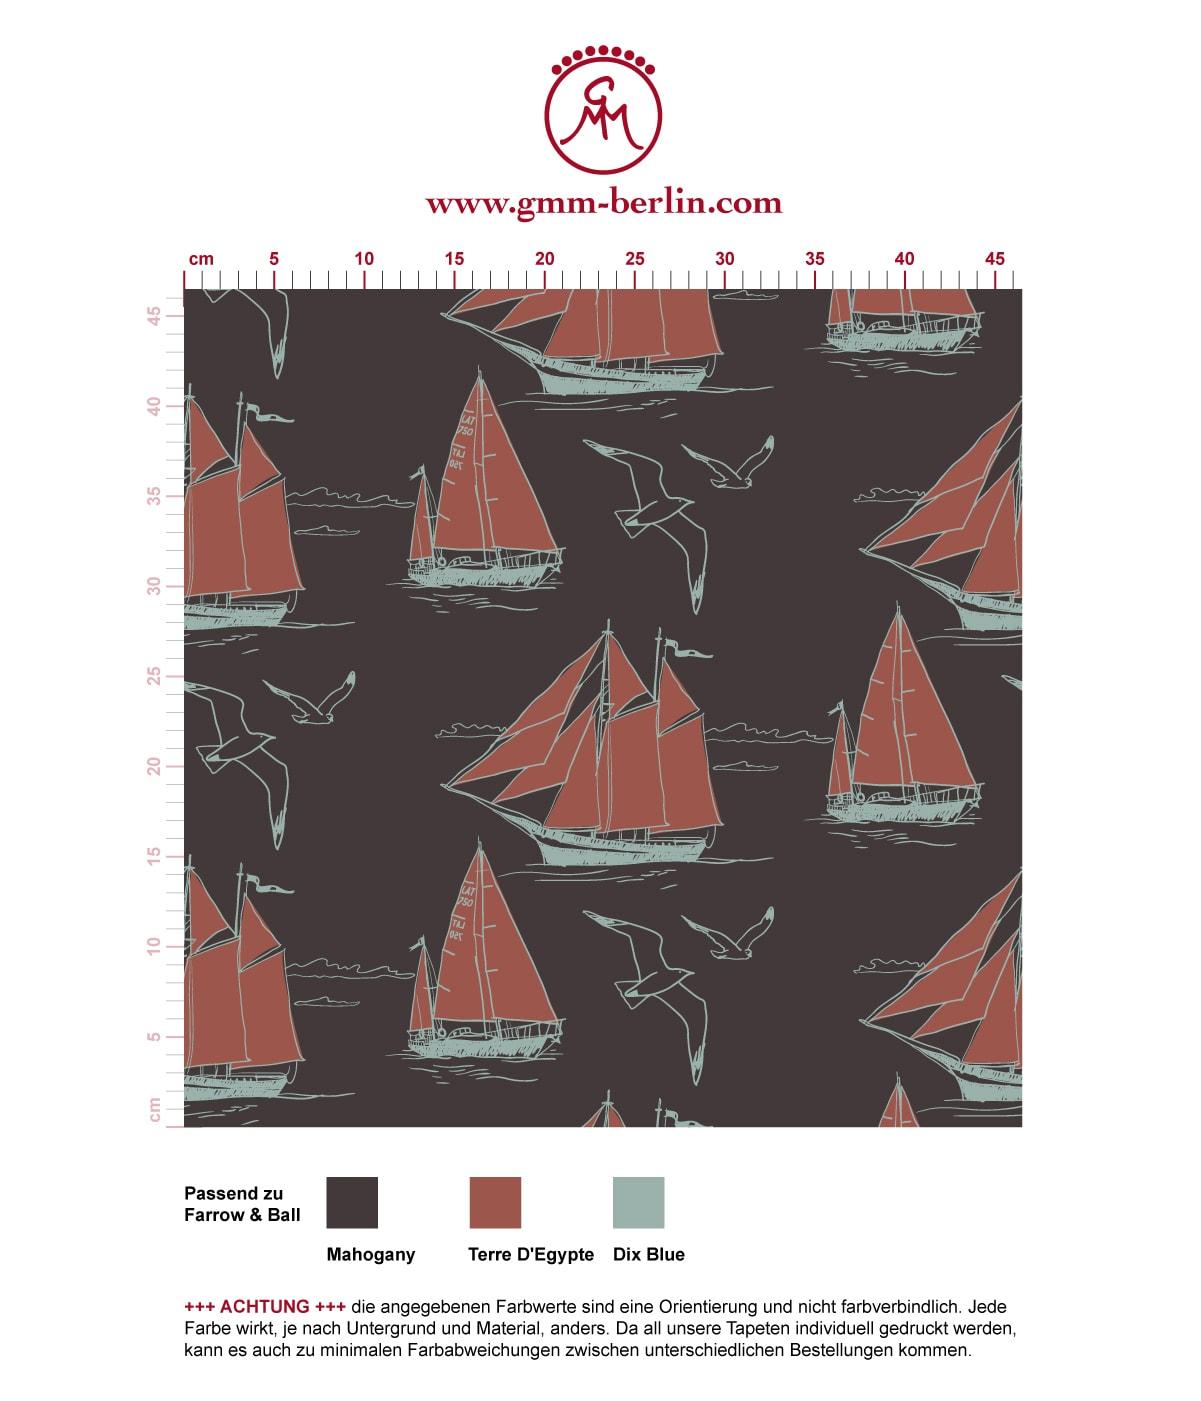 """Edle Segler Tapete """"Die Regatta"""" mit Klassiker Segelbooten und Möwen auf braun angepasst an Farrow and Ball Wandfarben. Aus dem GMM-BERLIN.com Sortiment: Schöne Tapeten in der Farbe: dunkel braun"""